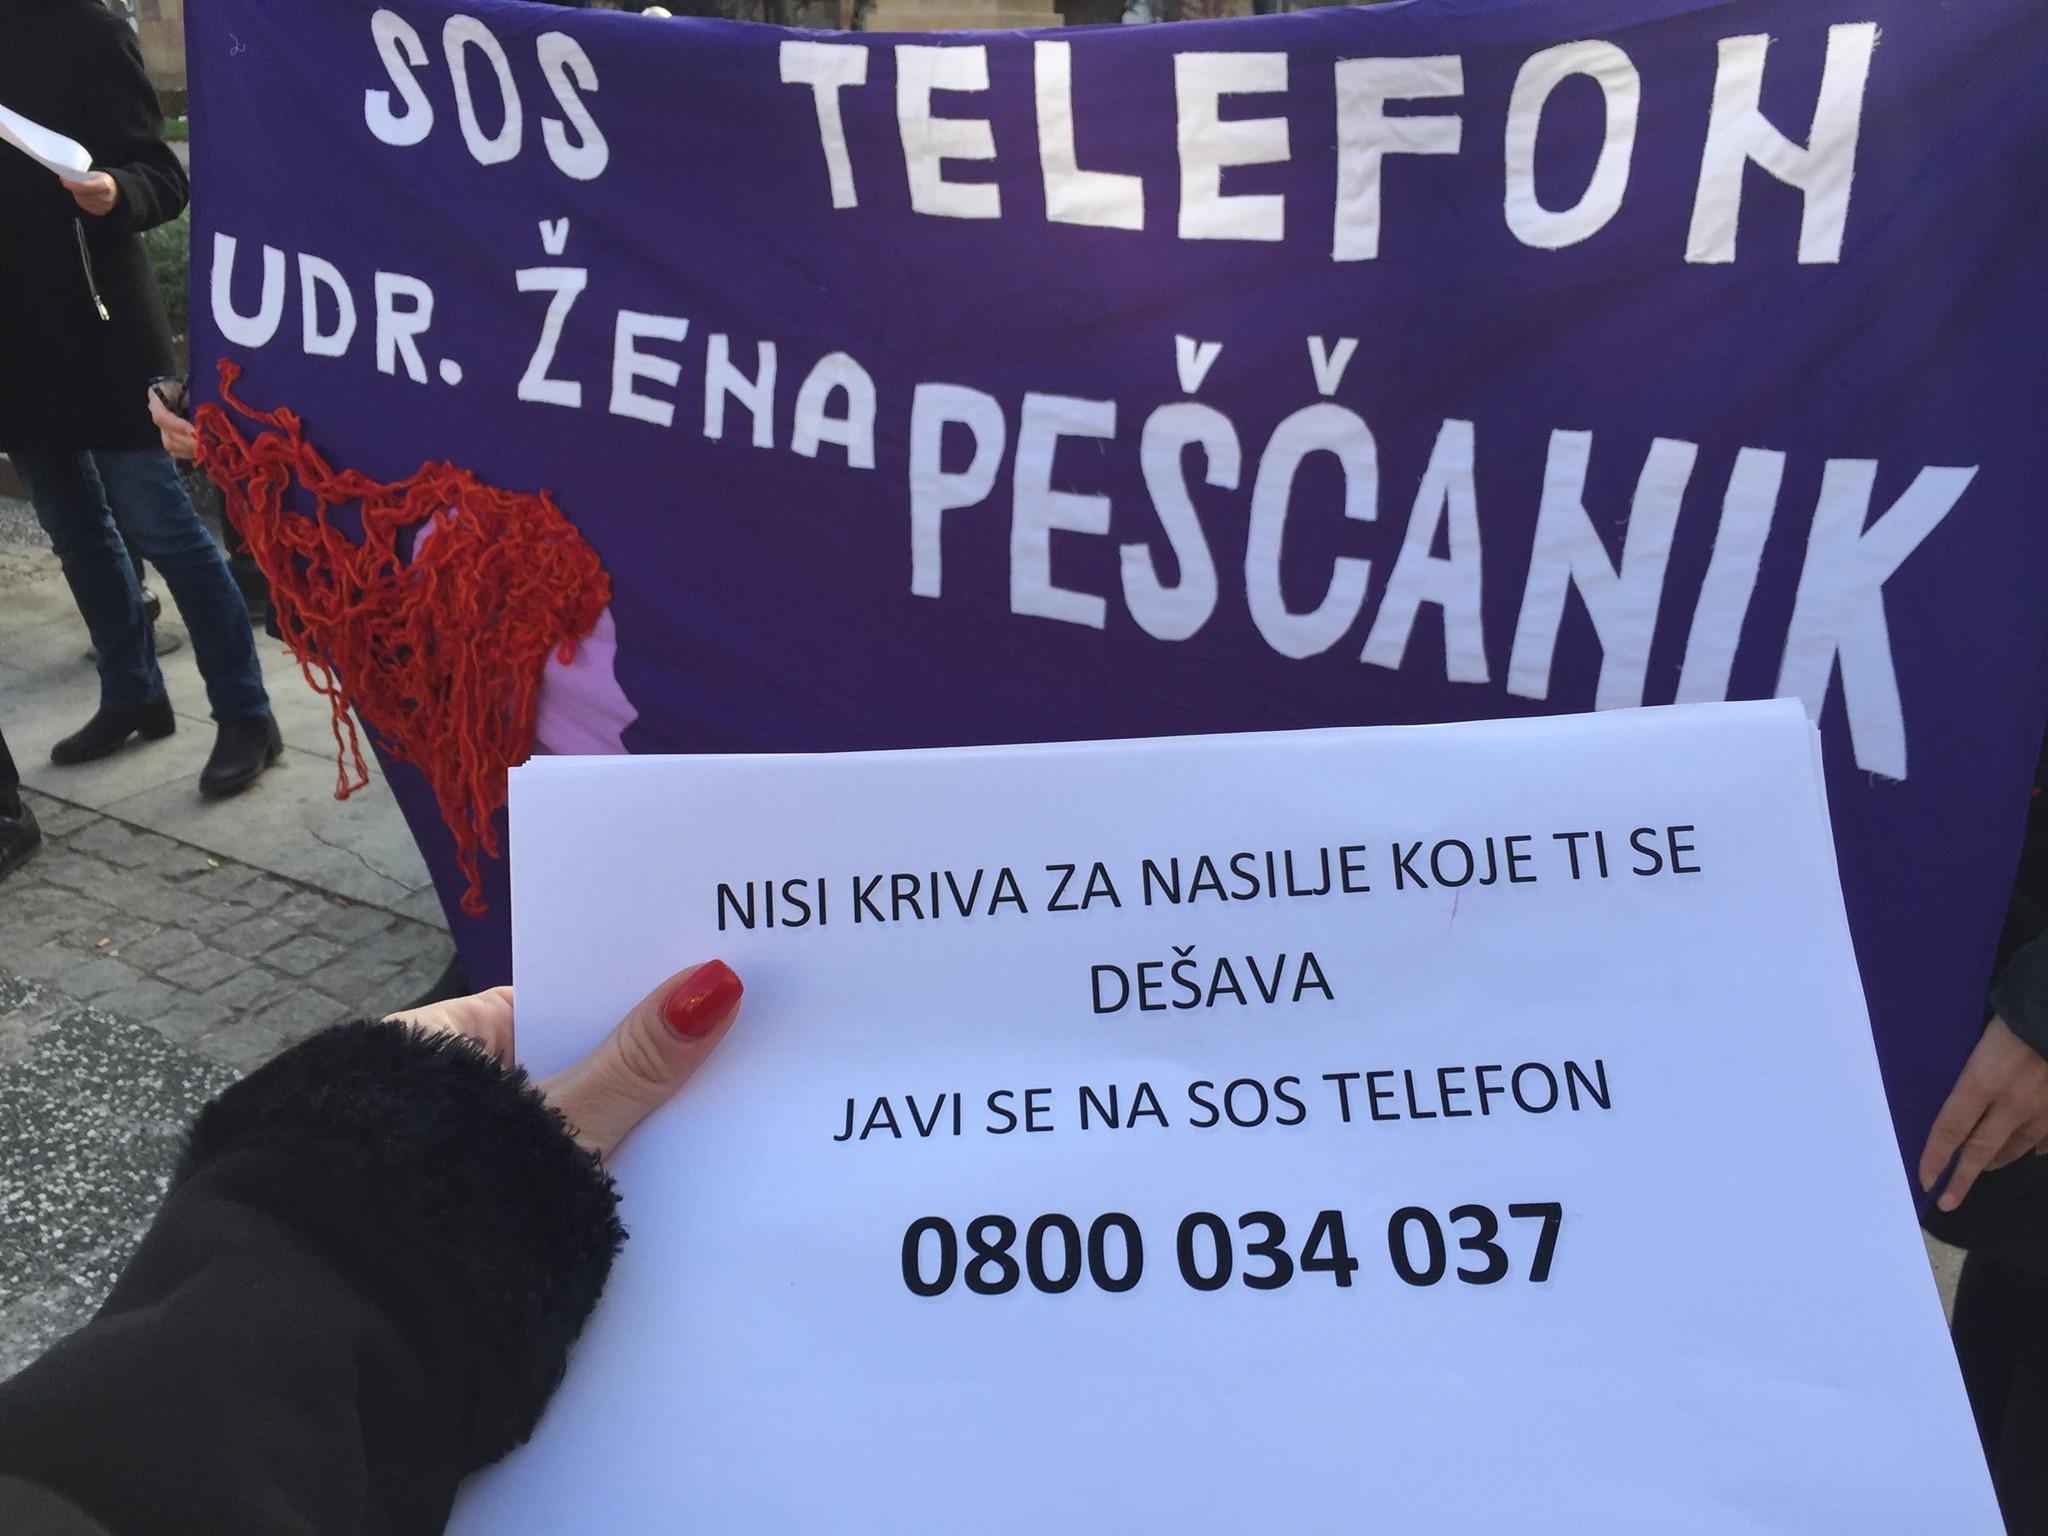 Udruzenje zena Pescanik - Ulična akcija povodom Međunarodnog dana borbe protiv nasilja nad ženama